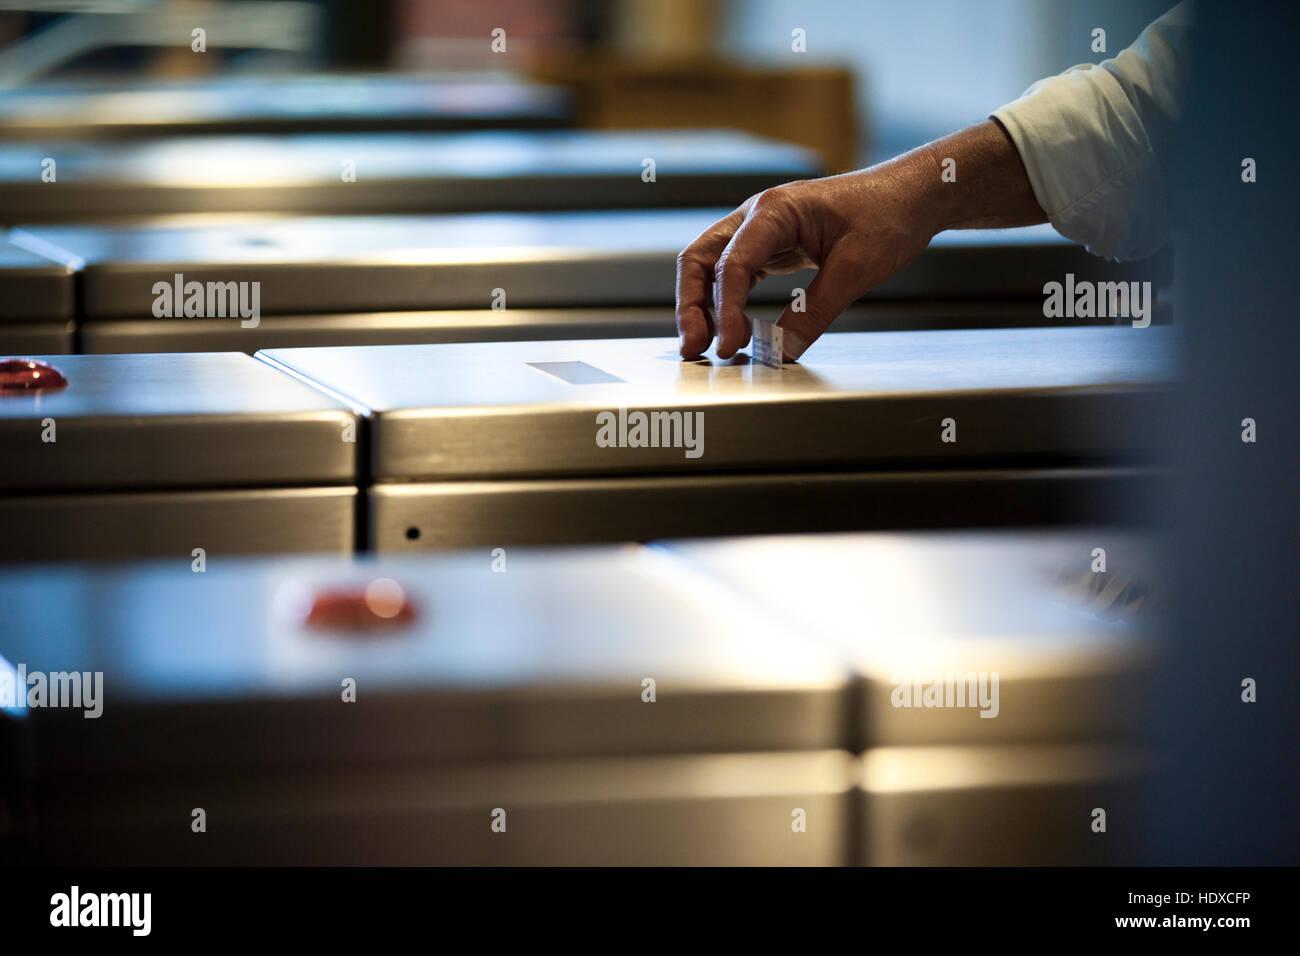 Une main de banlieue prend un billet d'un métro métro automatique Photo Stock